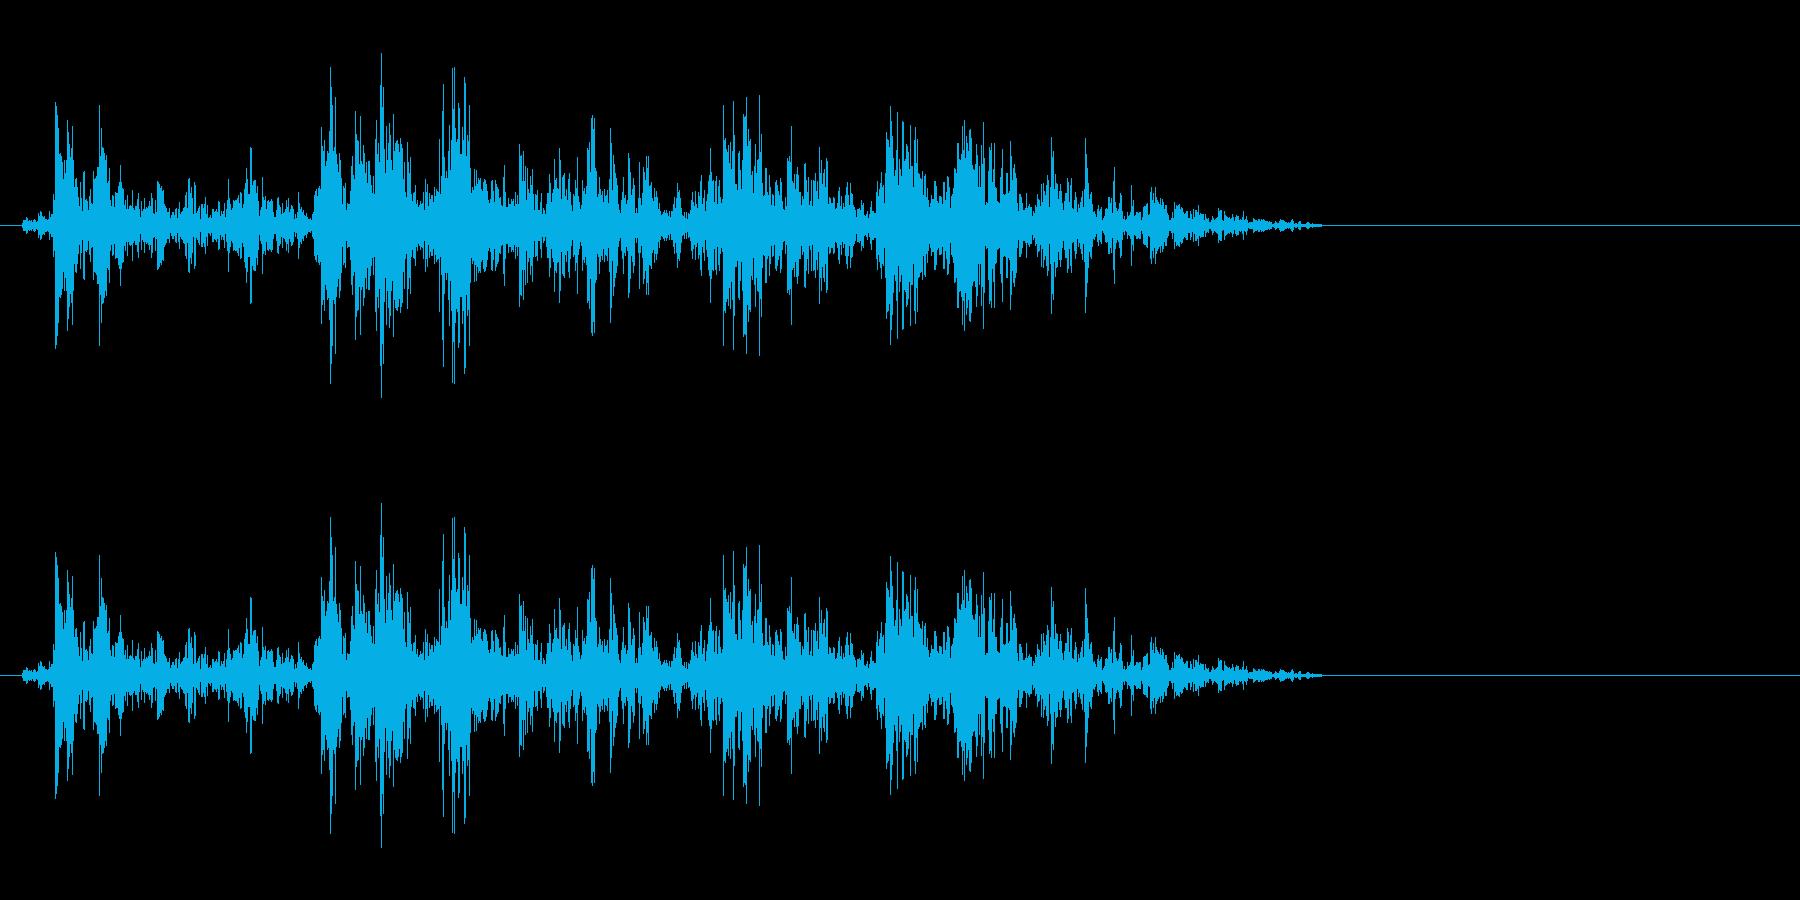 動かす音(トロッコ、滑車、歯車など)の再生済みの波形